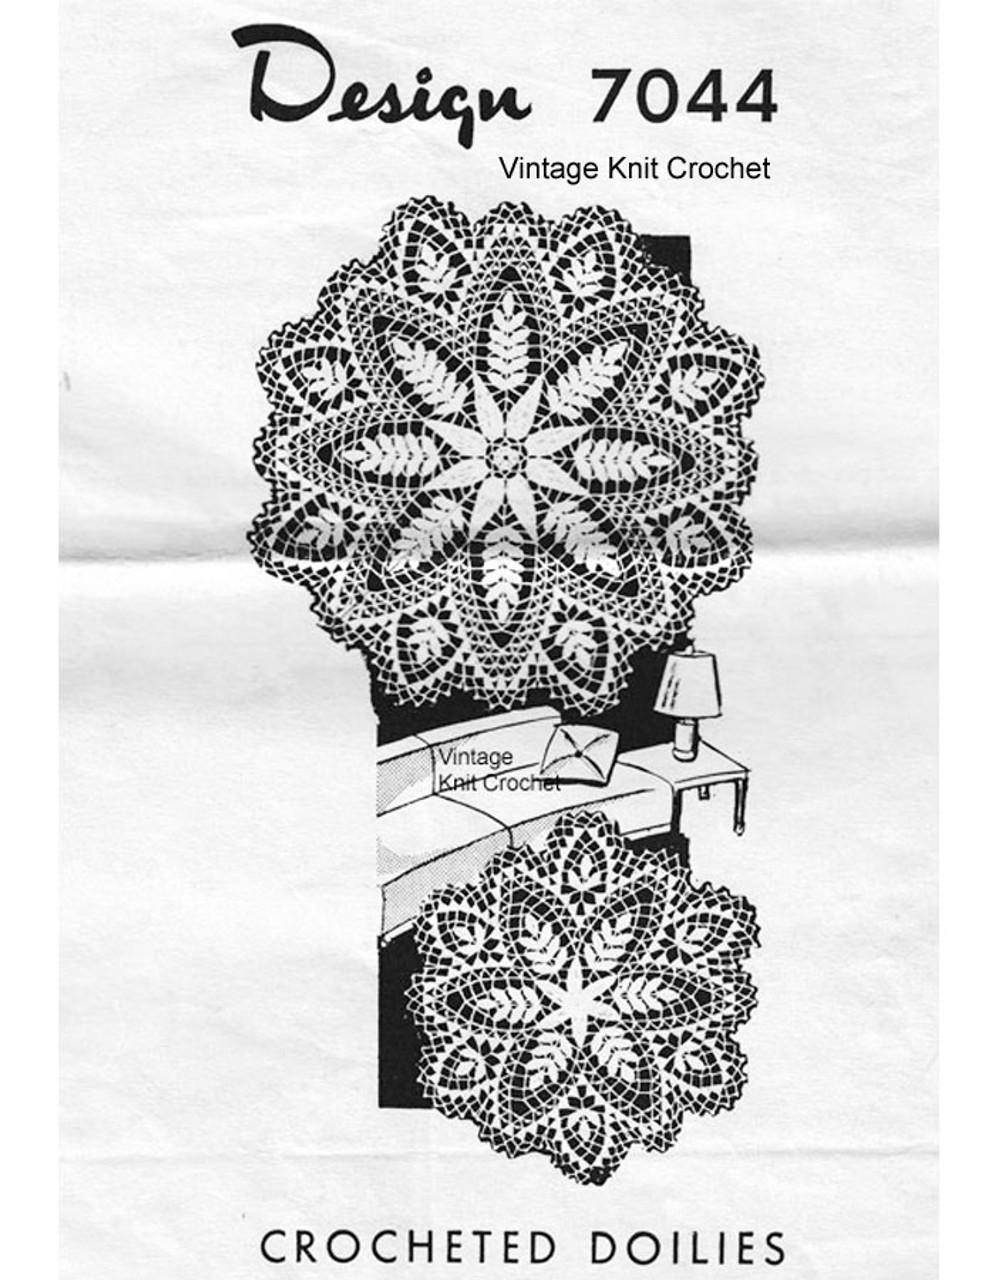 Fern Doily Crochet Pattern, Alice Brooks 7044